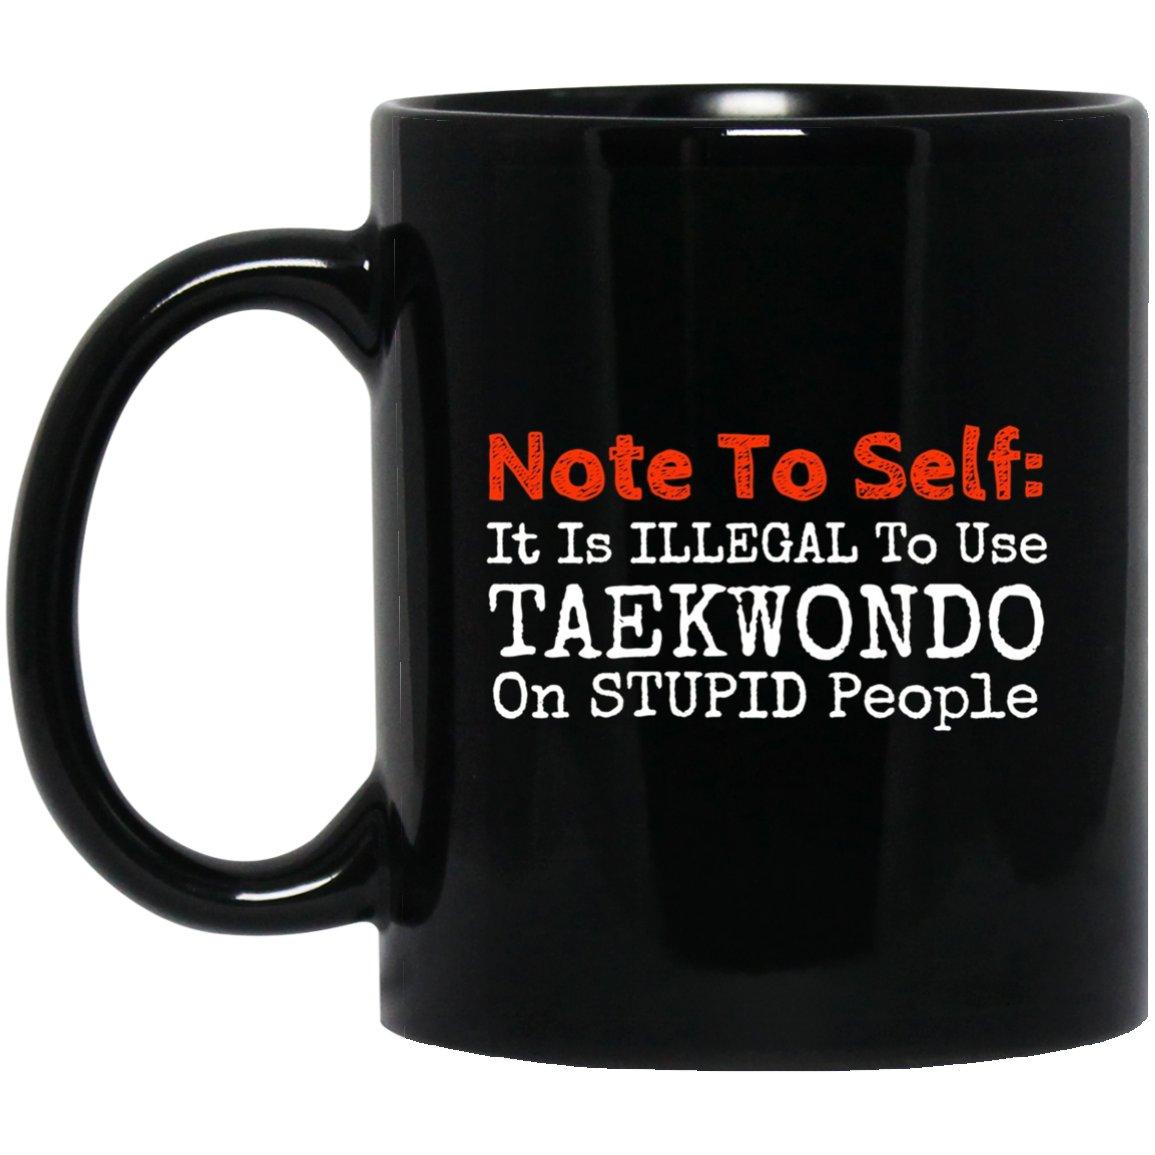 Taekwondo Illegal On Stupid People Funny Black  Mug Black Ceramic 11oz Coffee Tea Cup